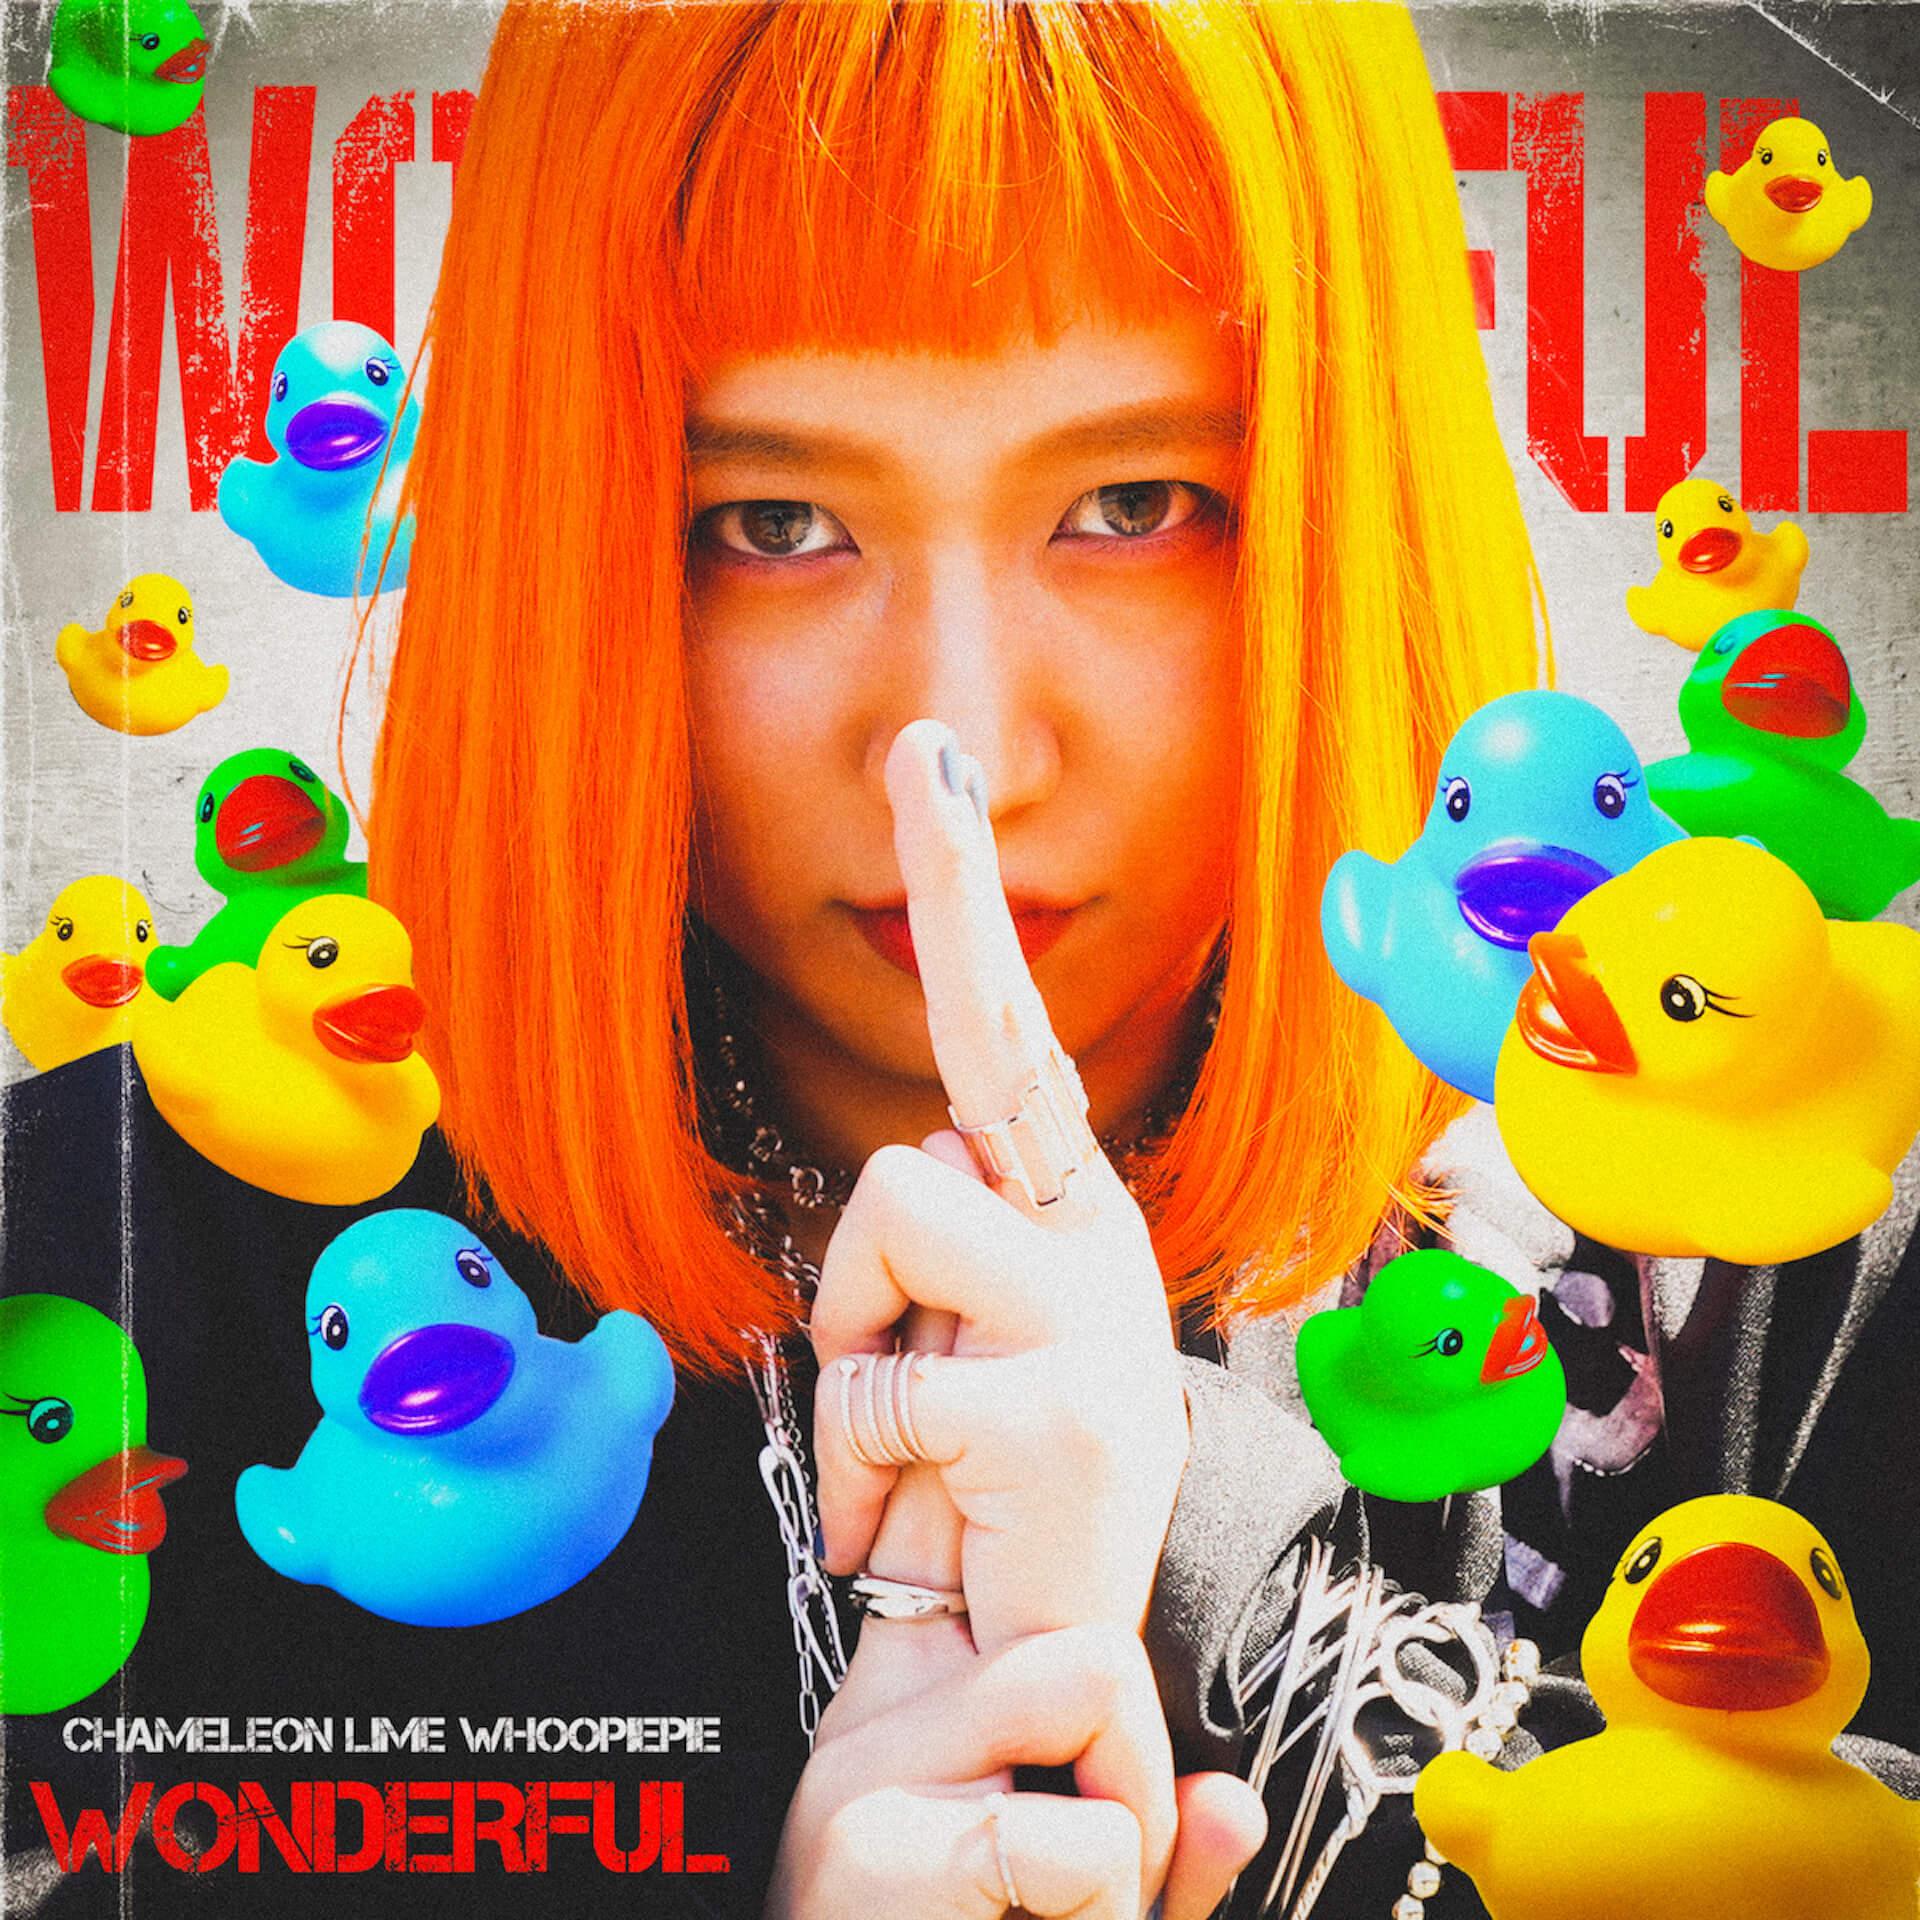 """新世代のニューアイコン、カメレオン・ライム・ウーピーパイの新曲""""Wonderful""""が配信リリース&MVも公開! music210421_chameleon-lime-whoopiepie-210421_2"""